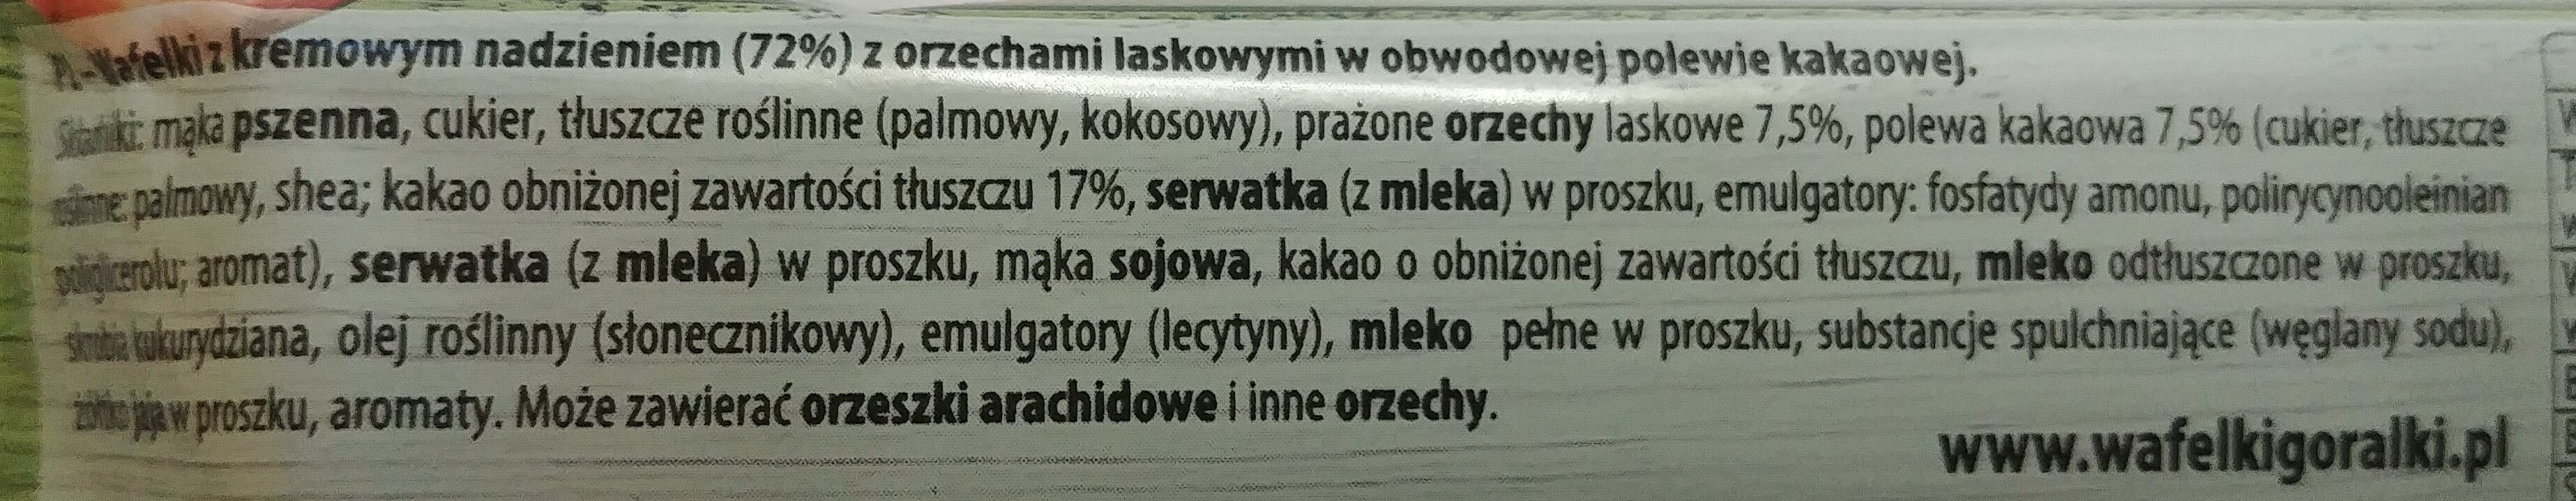 Oryginał Góralki orzechowe - Wafelki z kremowym nadzieniem (72%) z orzechami laskowymi w obwodowej polewie kakaowej. - Składniki - pl